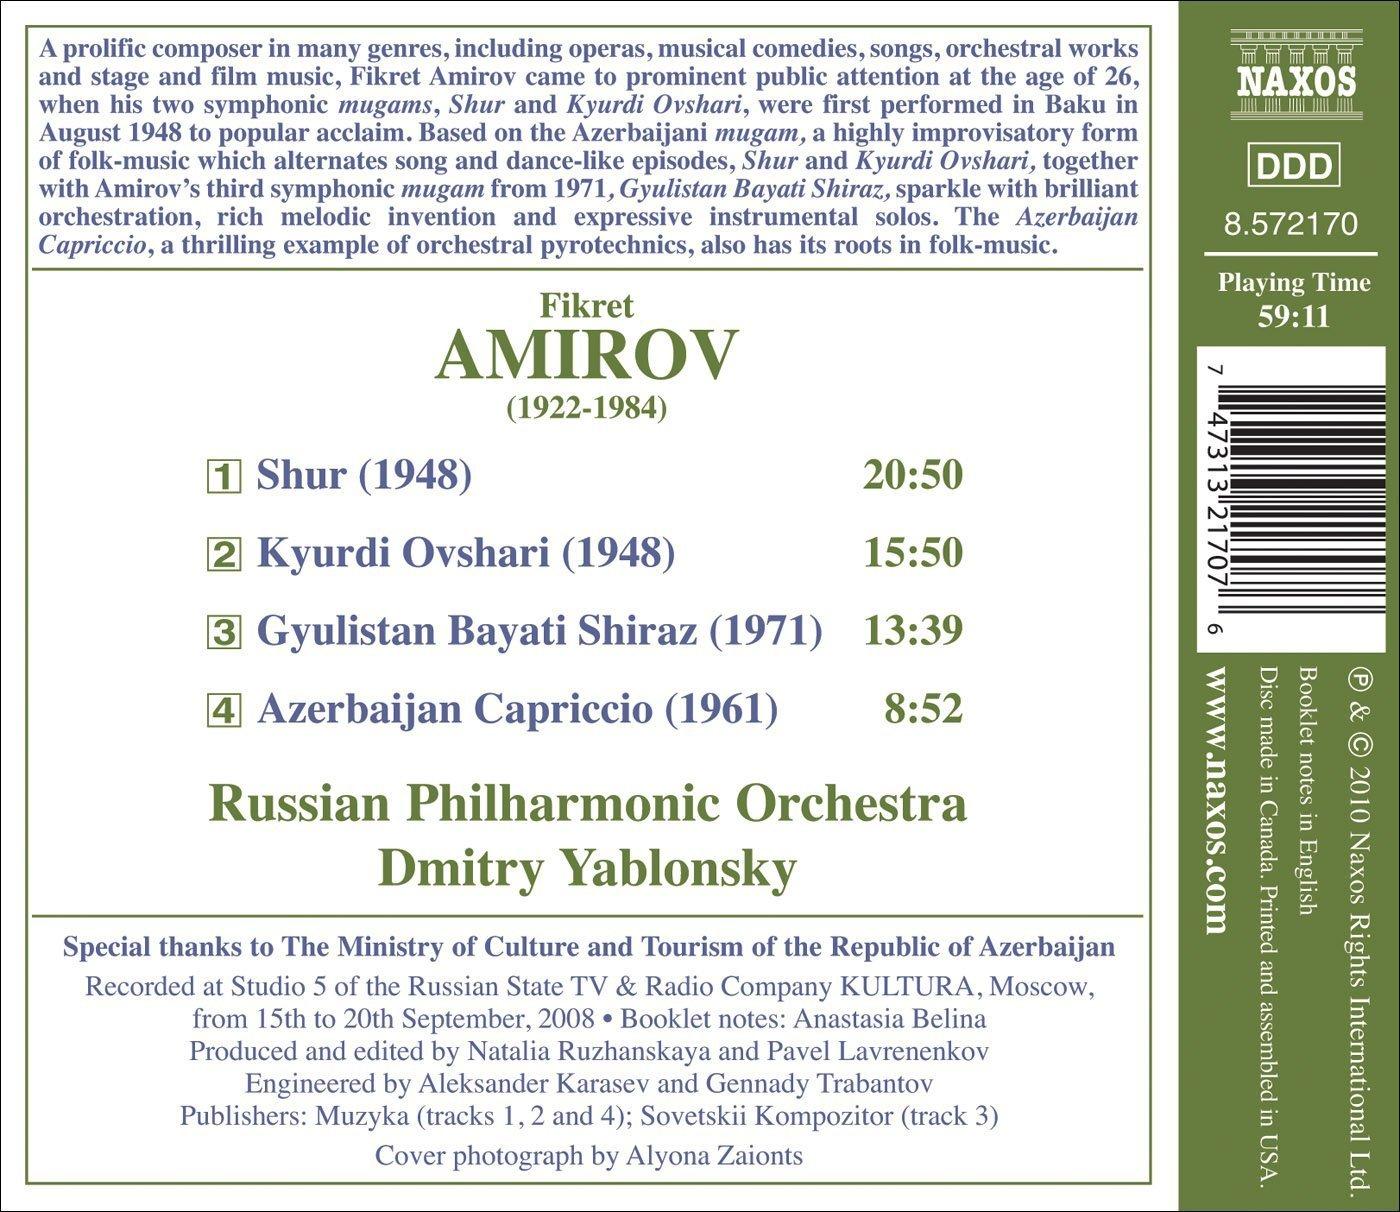 AMIROV, F.: Shur / Kyurdi Ovshari / Gyulistan Bayati Shiraz / Azerbaijan Capriccio (Russian Philharmonic, Yablonsky) image